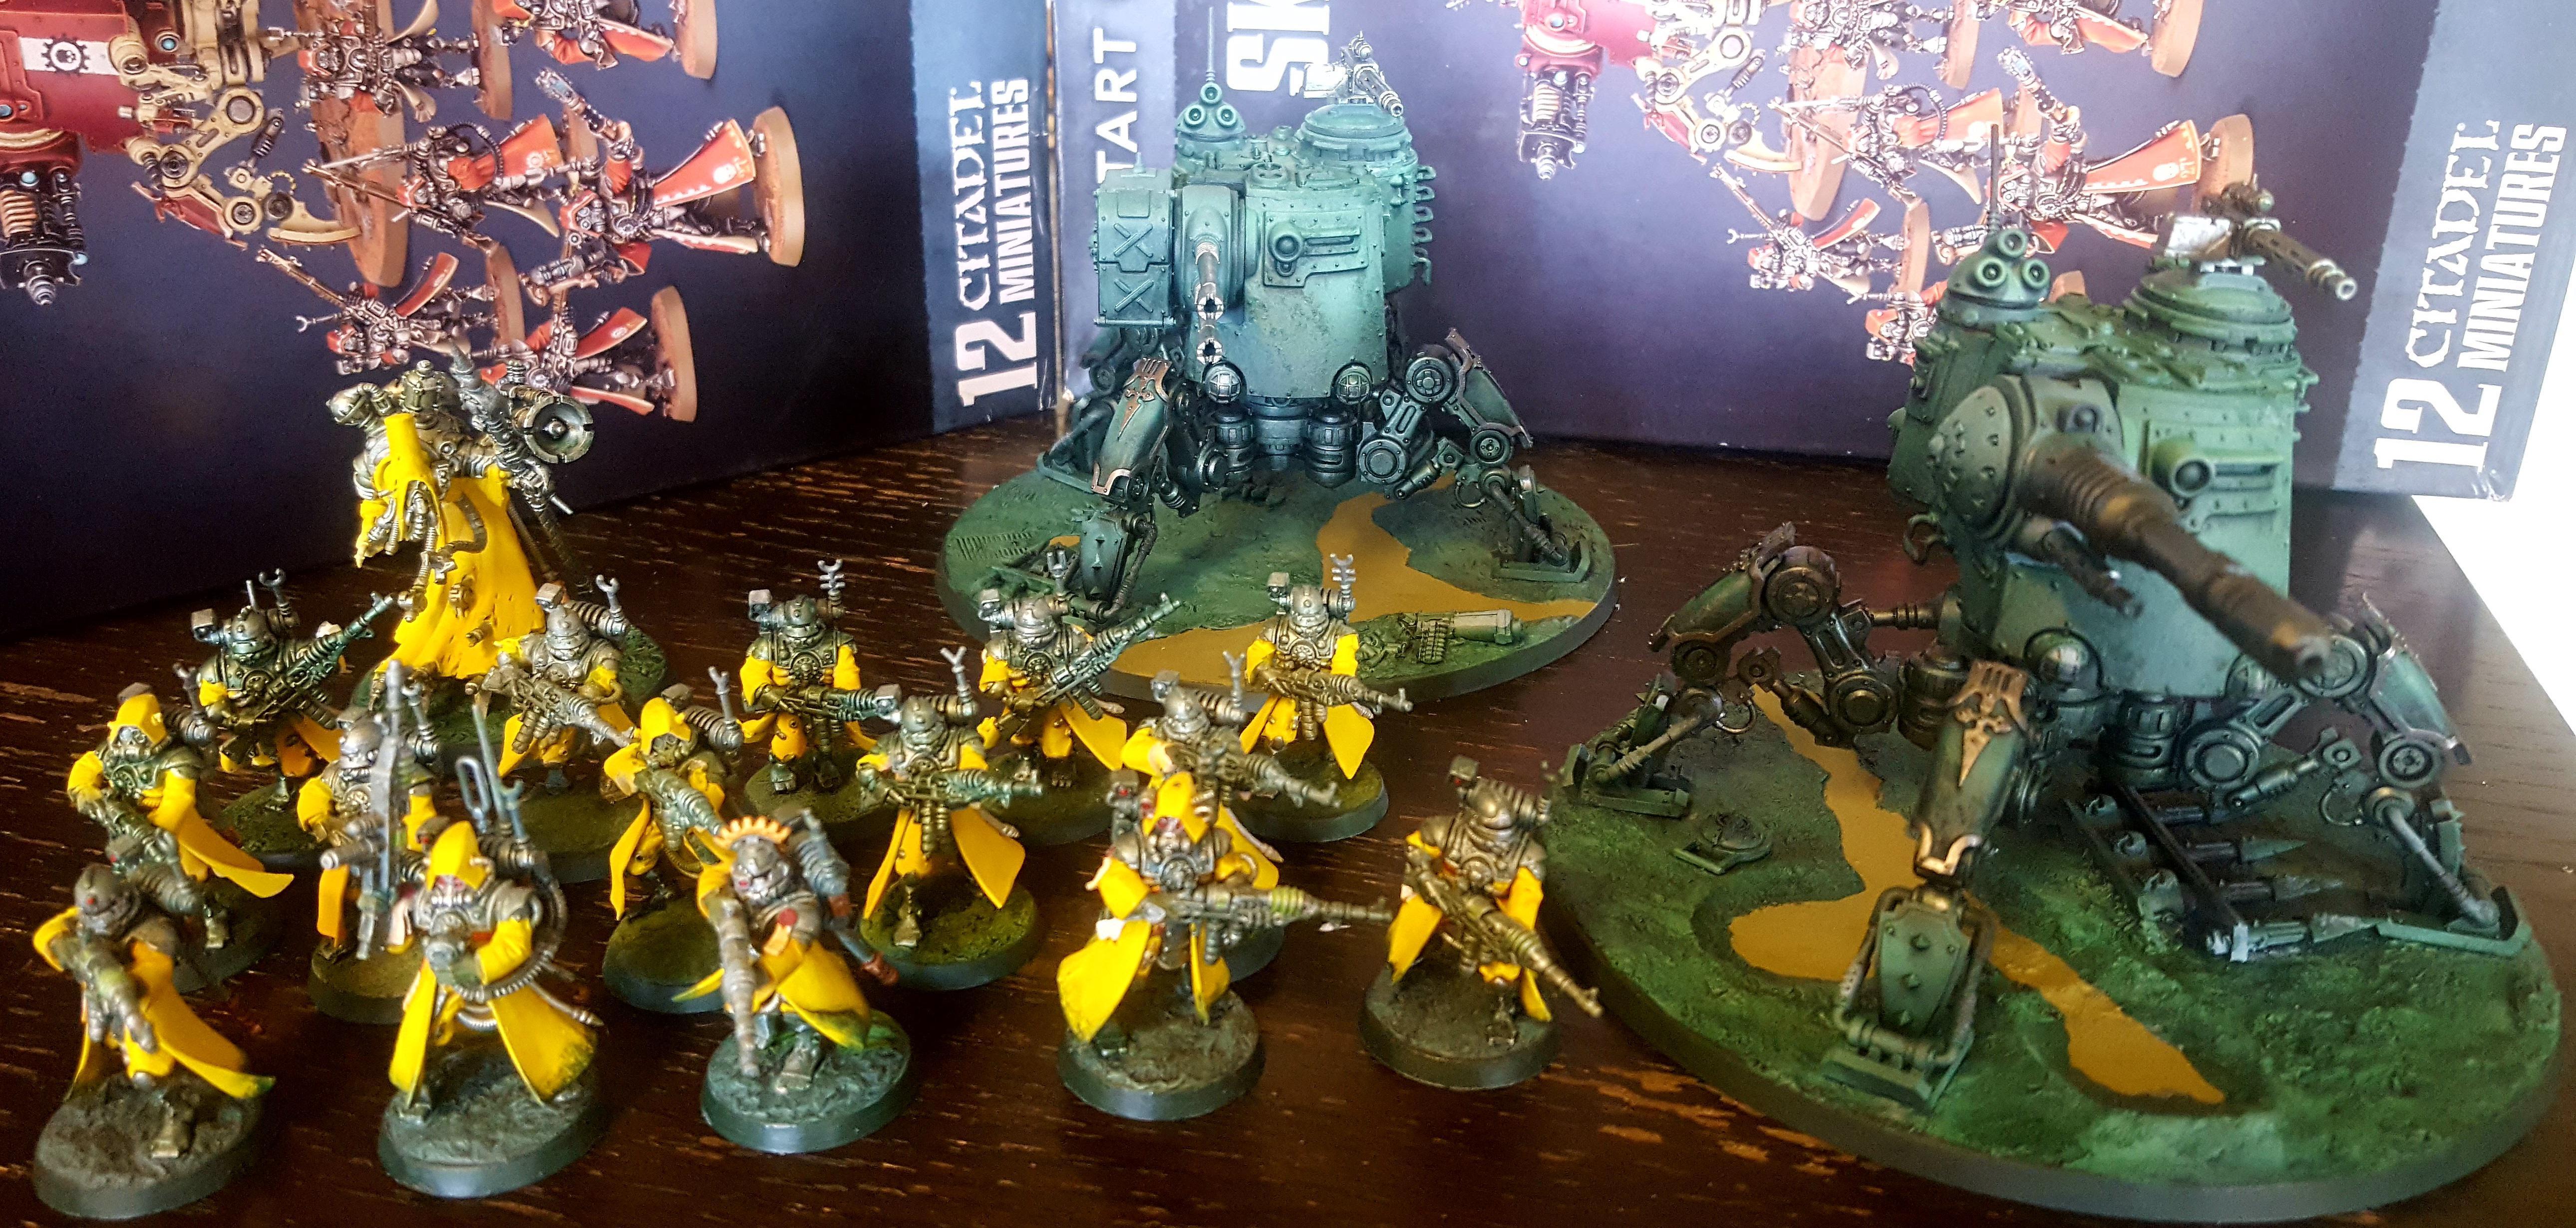 Adeptus Mechanicus, Battle Ready, Combat Patrol, Crusade, Dunecrawler, Onager, Skitarii